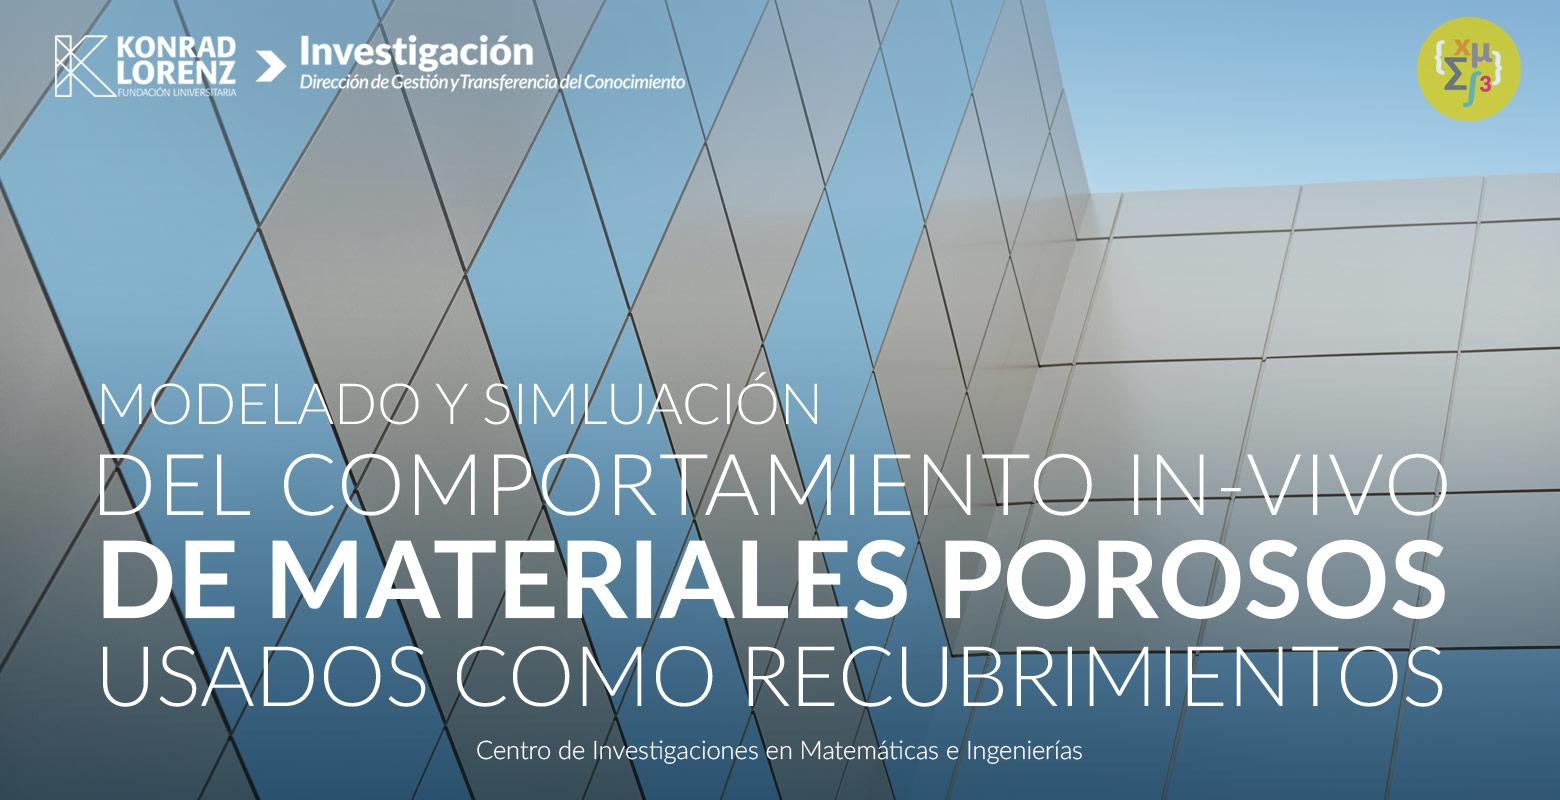 Modelado y simulación del comportamiento in-vivo de materiales porosos usados como recubrimientos